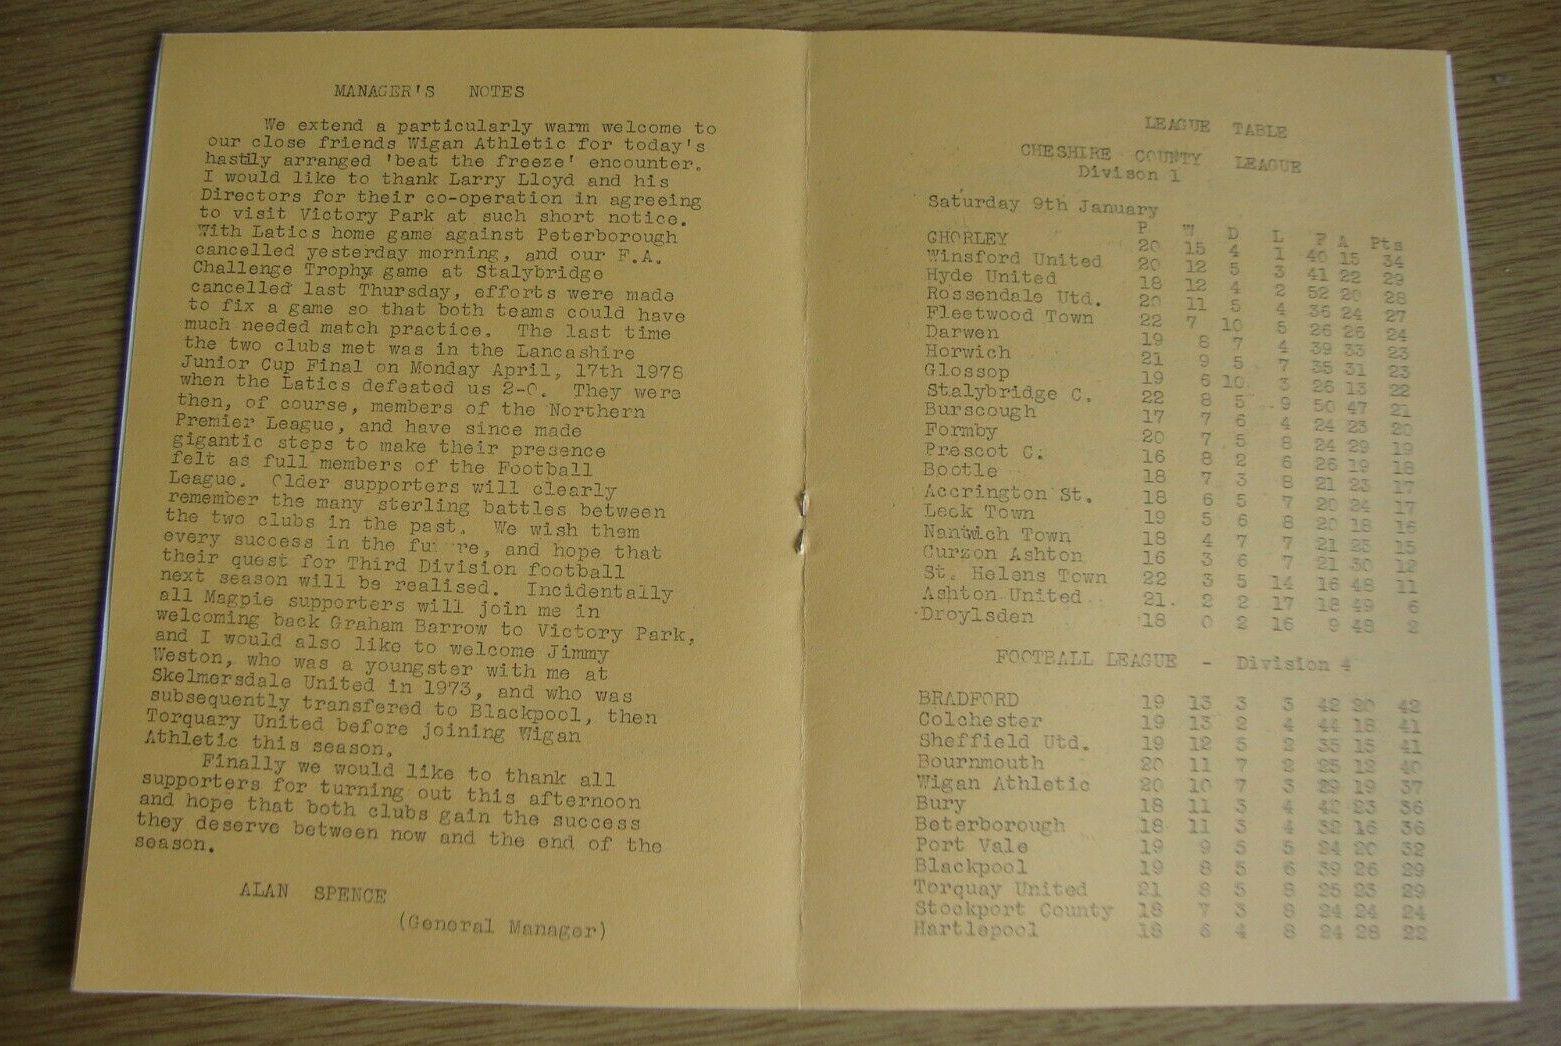 История «Чорли». Ч. 2. Тихий 20-й век: не губительные войны и олдовый стадион, который не изменился с 1947 года